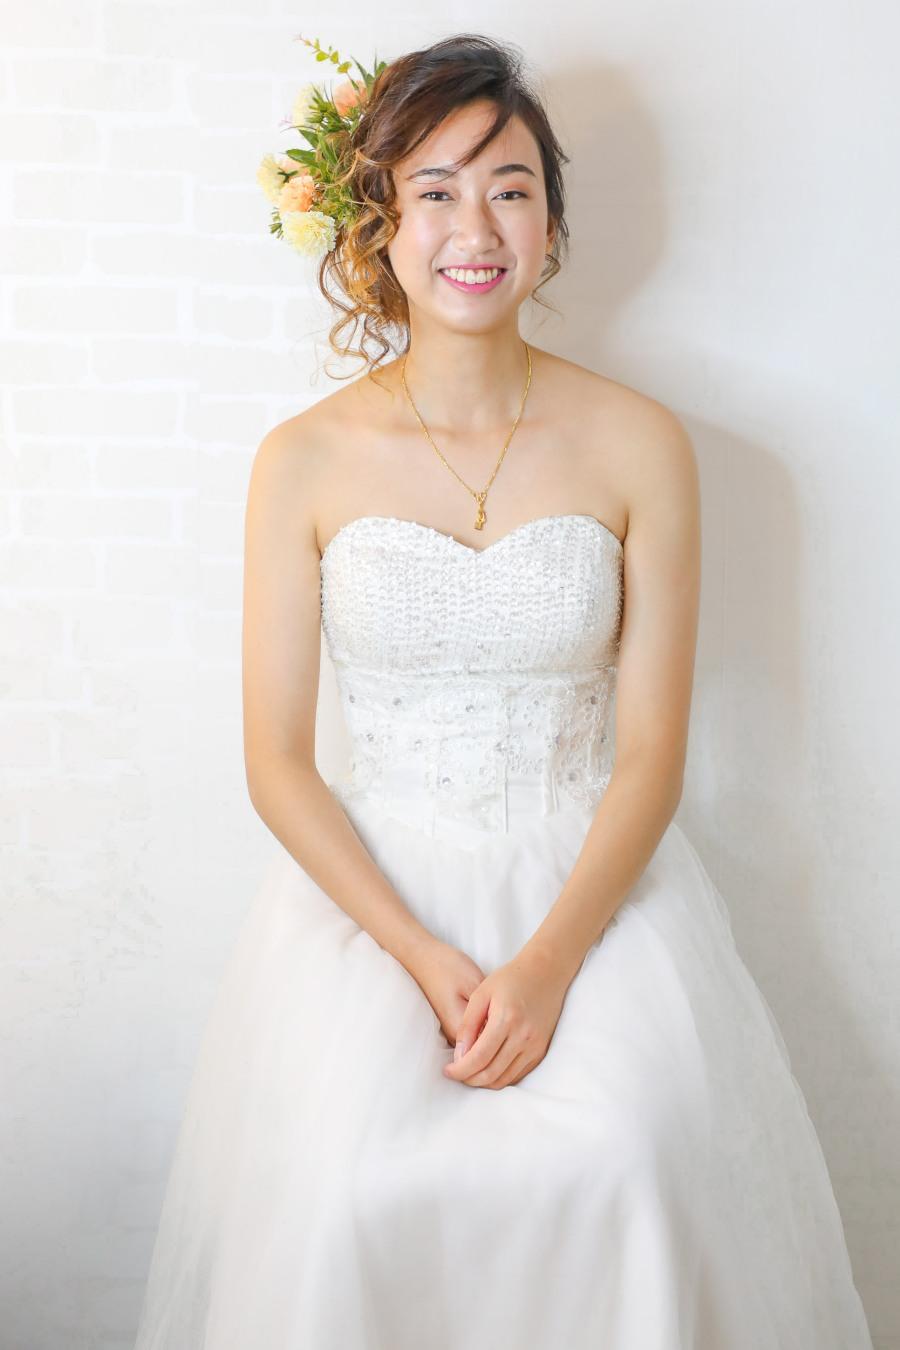 新娘化妝髮型攝影_bridal_wedding_makeup_hairstyling_Top_MUA_paulstylist_photography_hk_priscilla-2